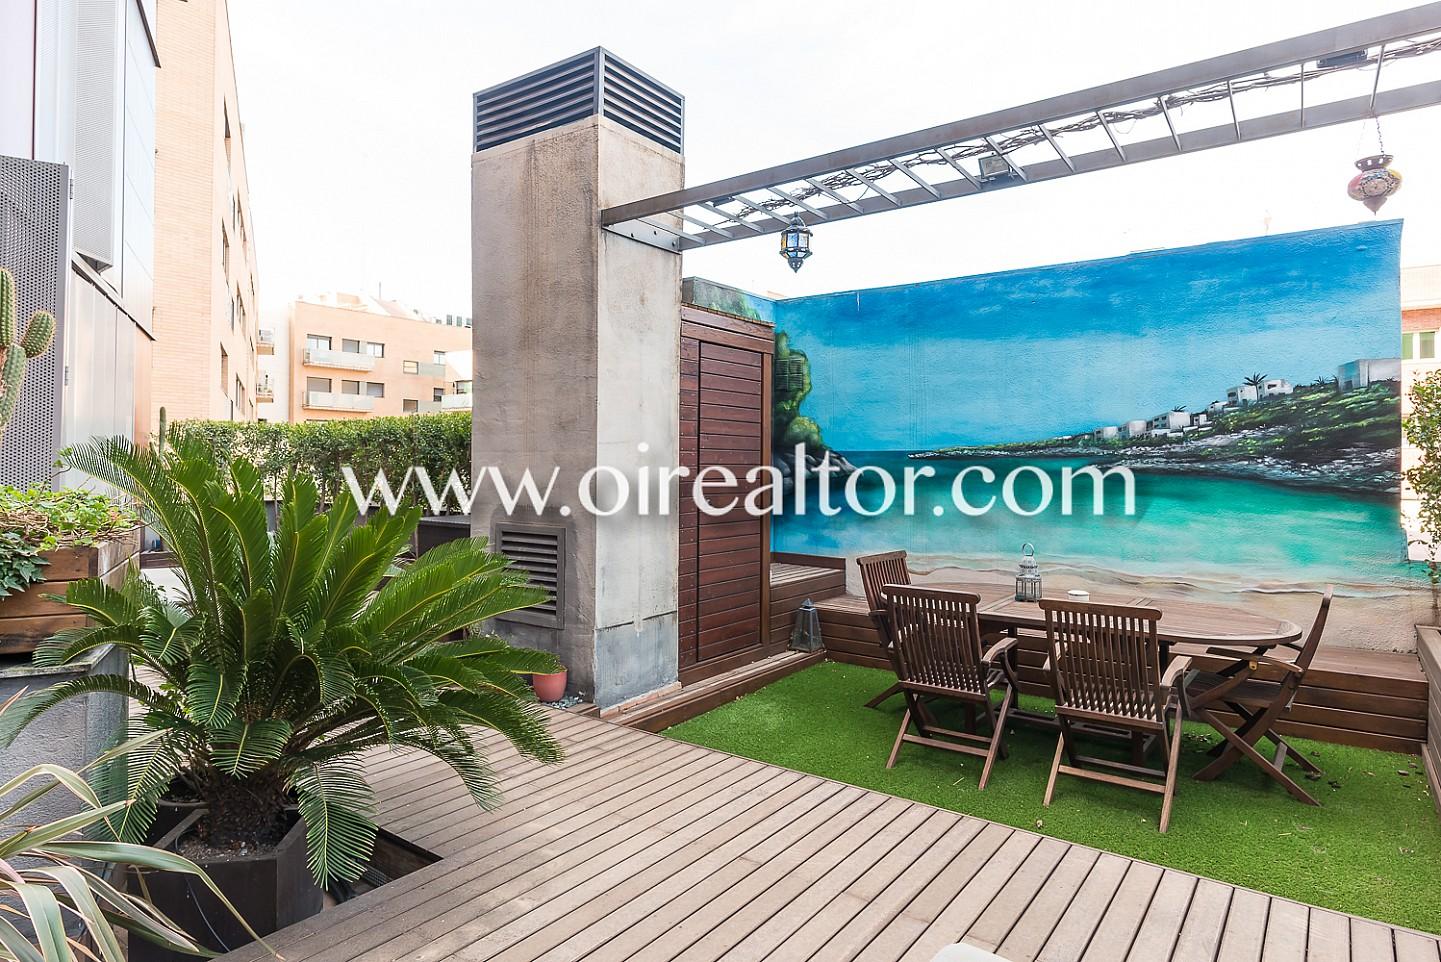 Espectacular tico en venta con gran terraza de 52m en av diagonal barcelona oi realtor - Atico terraza barcelona ...